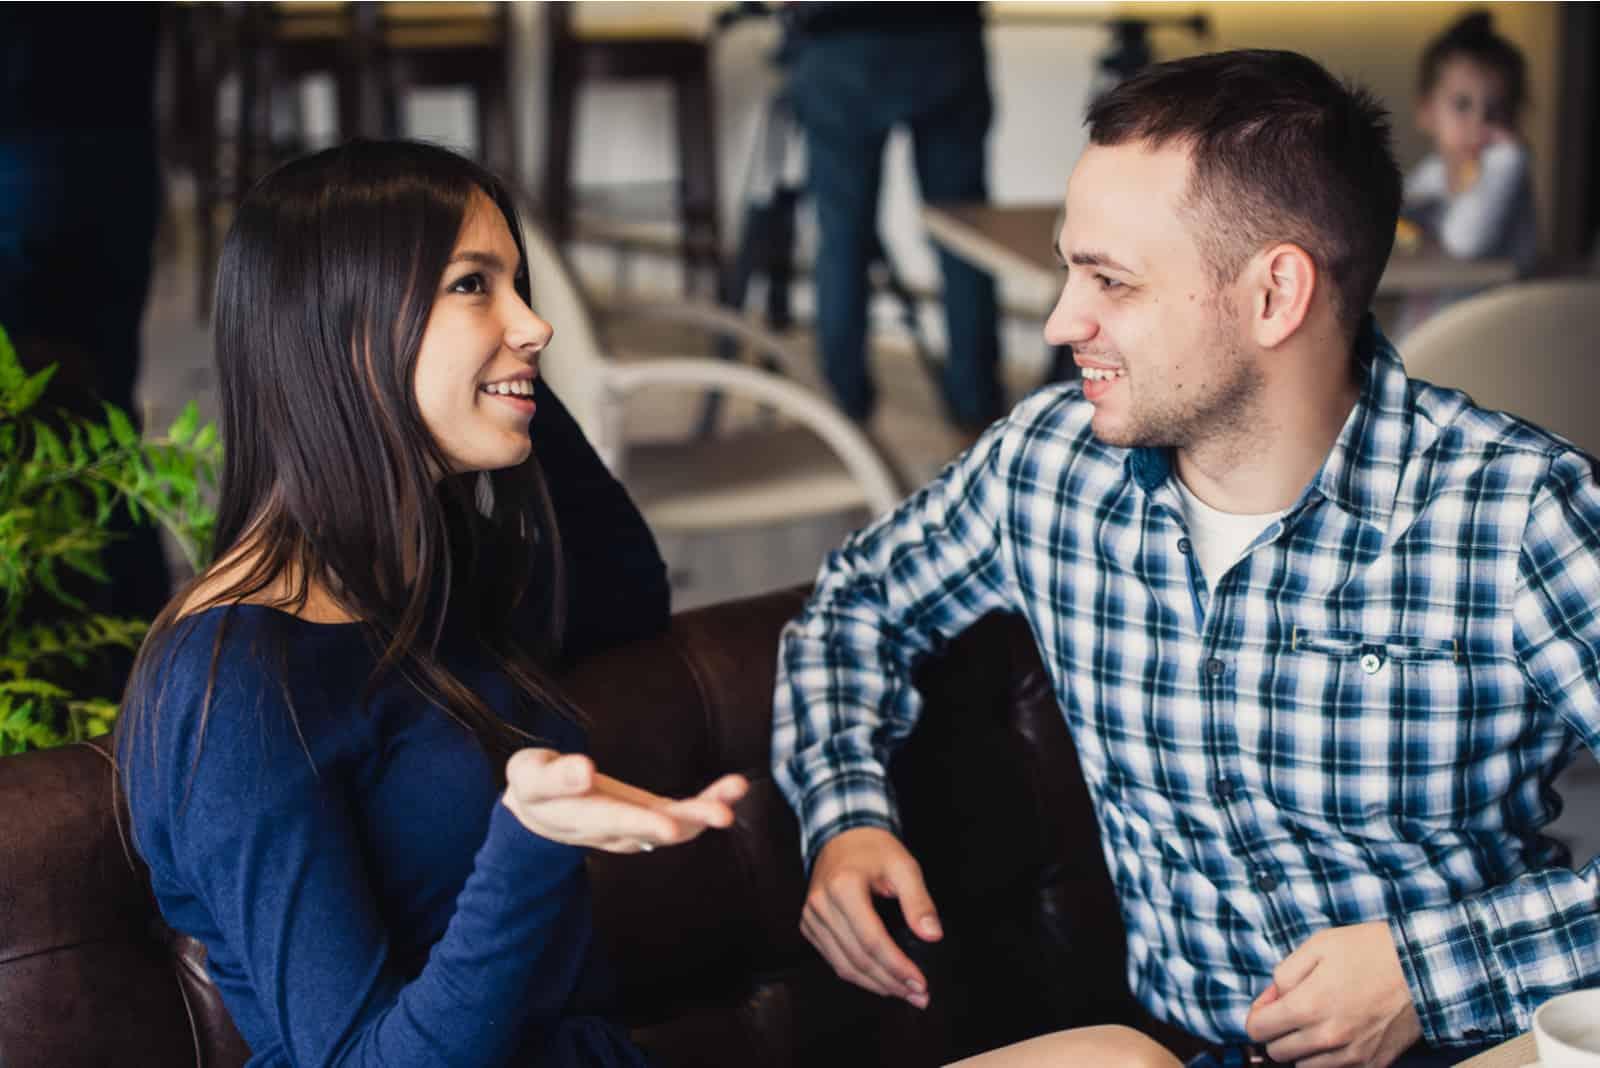 un homme et une femme discutent